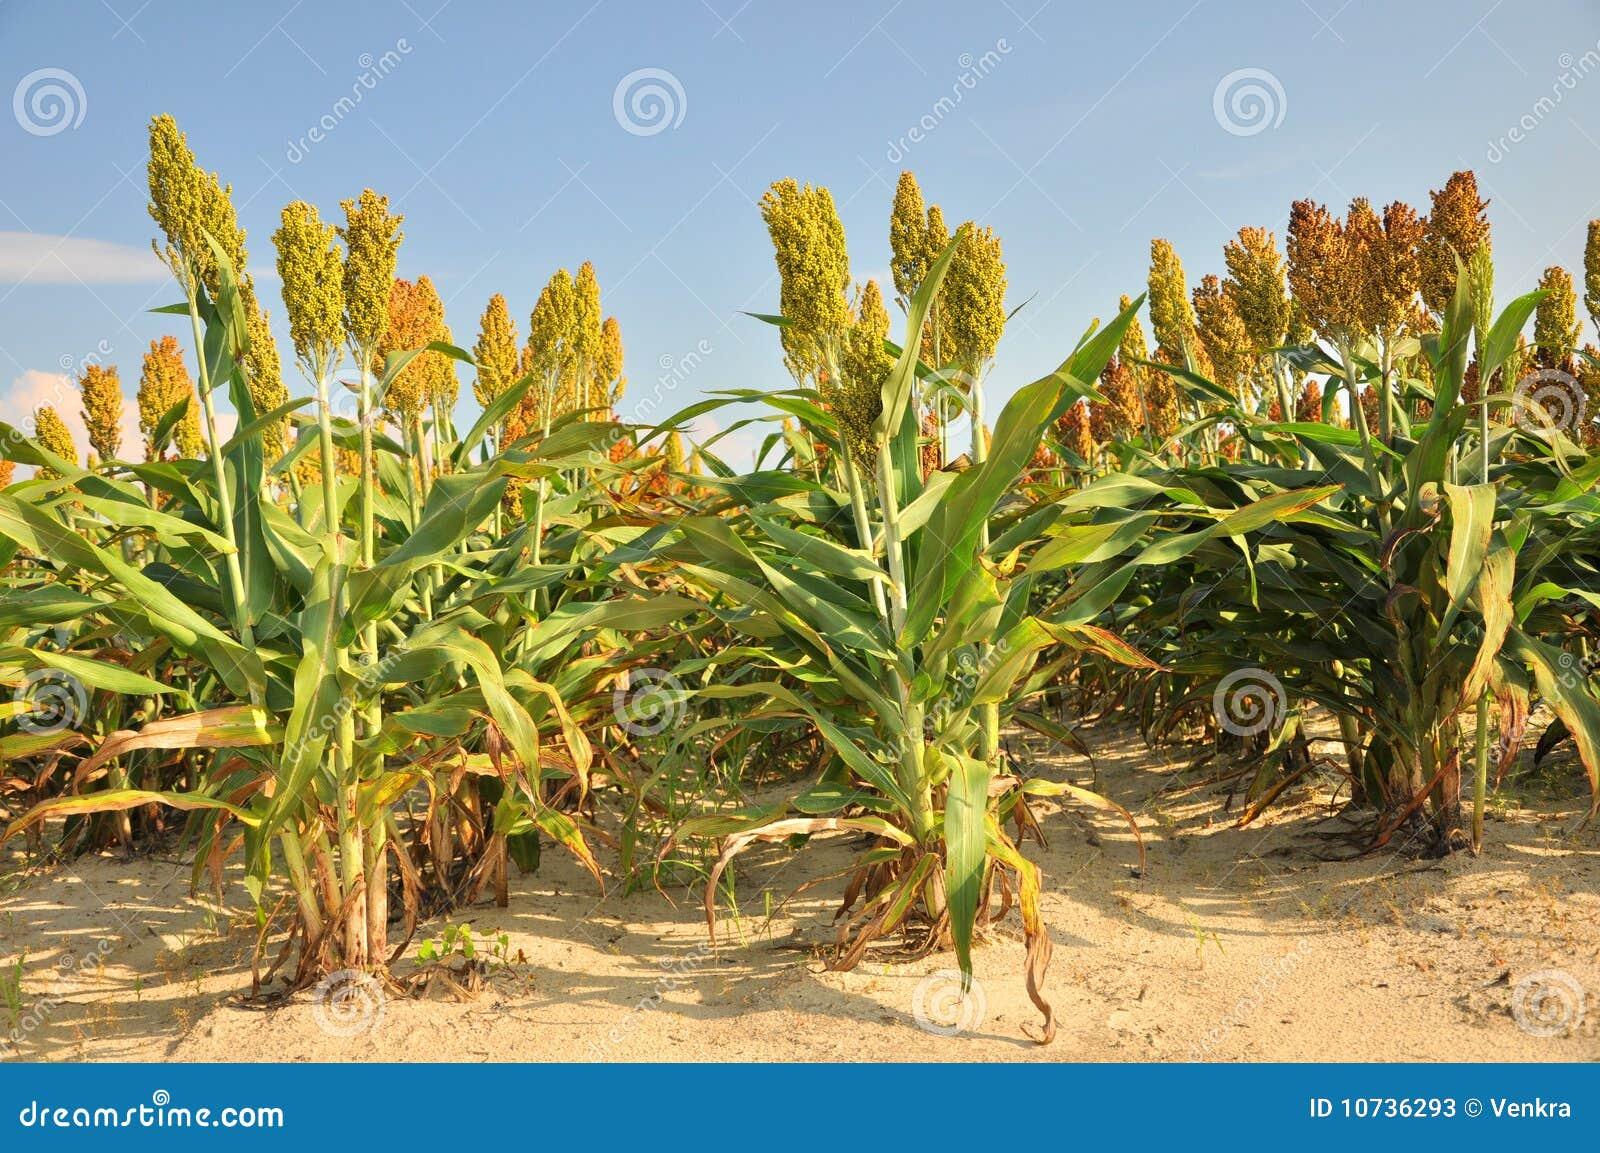 Αποτέλεσμα εικόνας για κεχρι καλλιεργεια